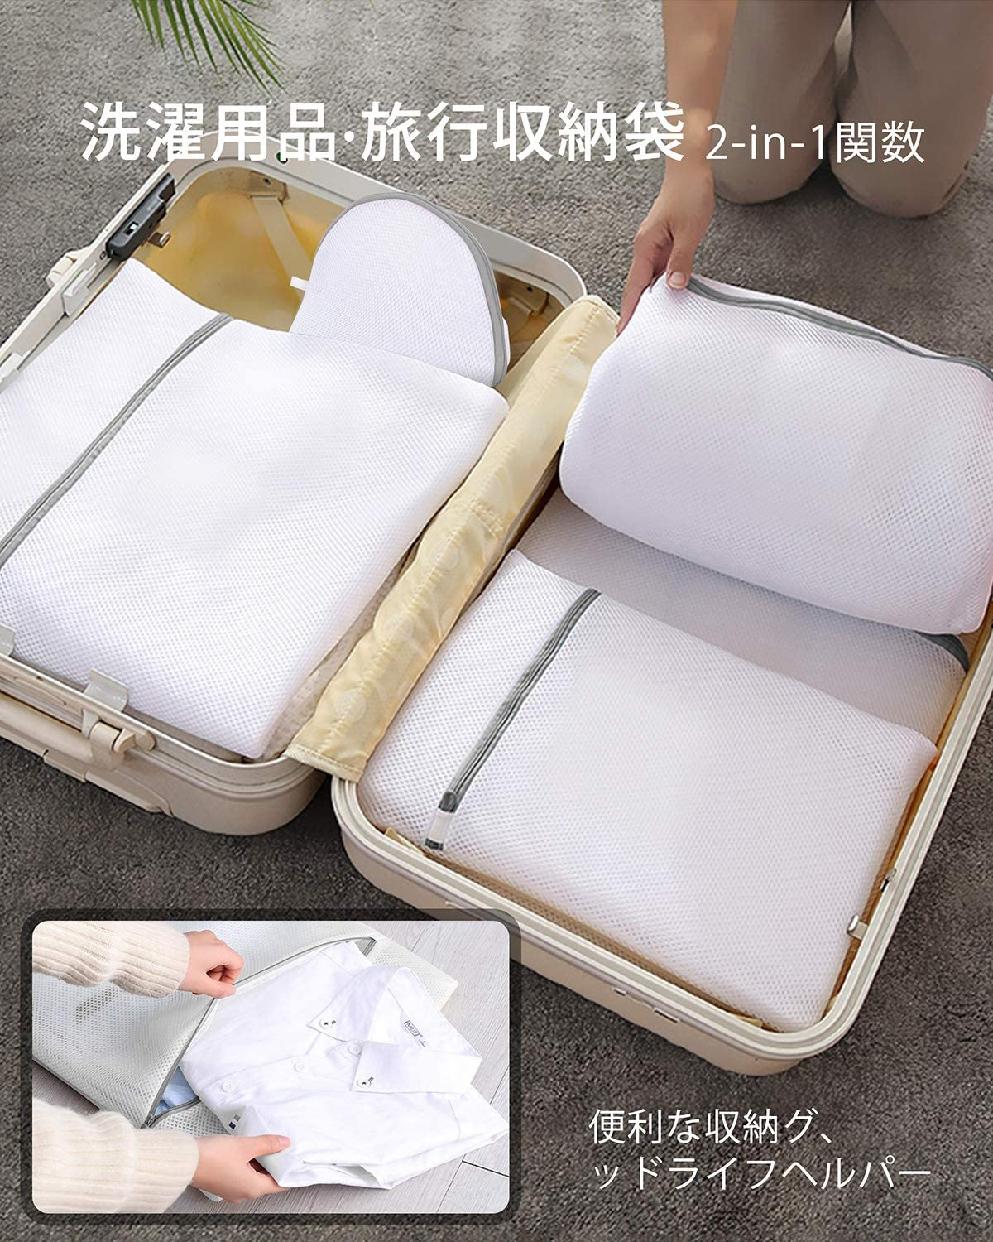 amxus(アンサス) 洗濯ネットの商品画像7